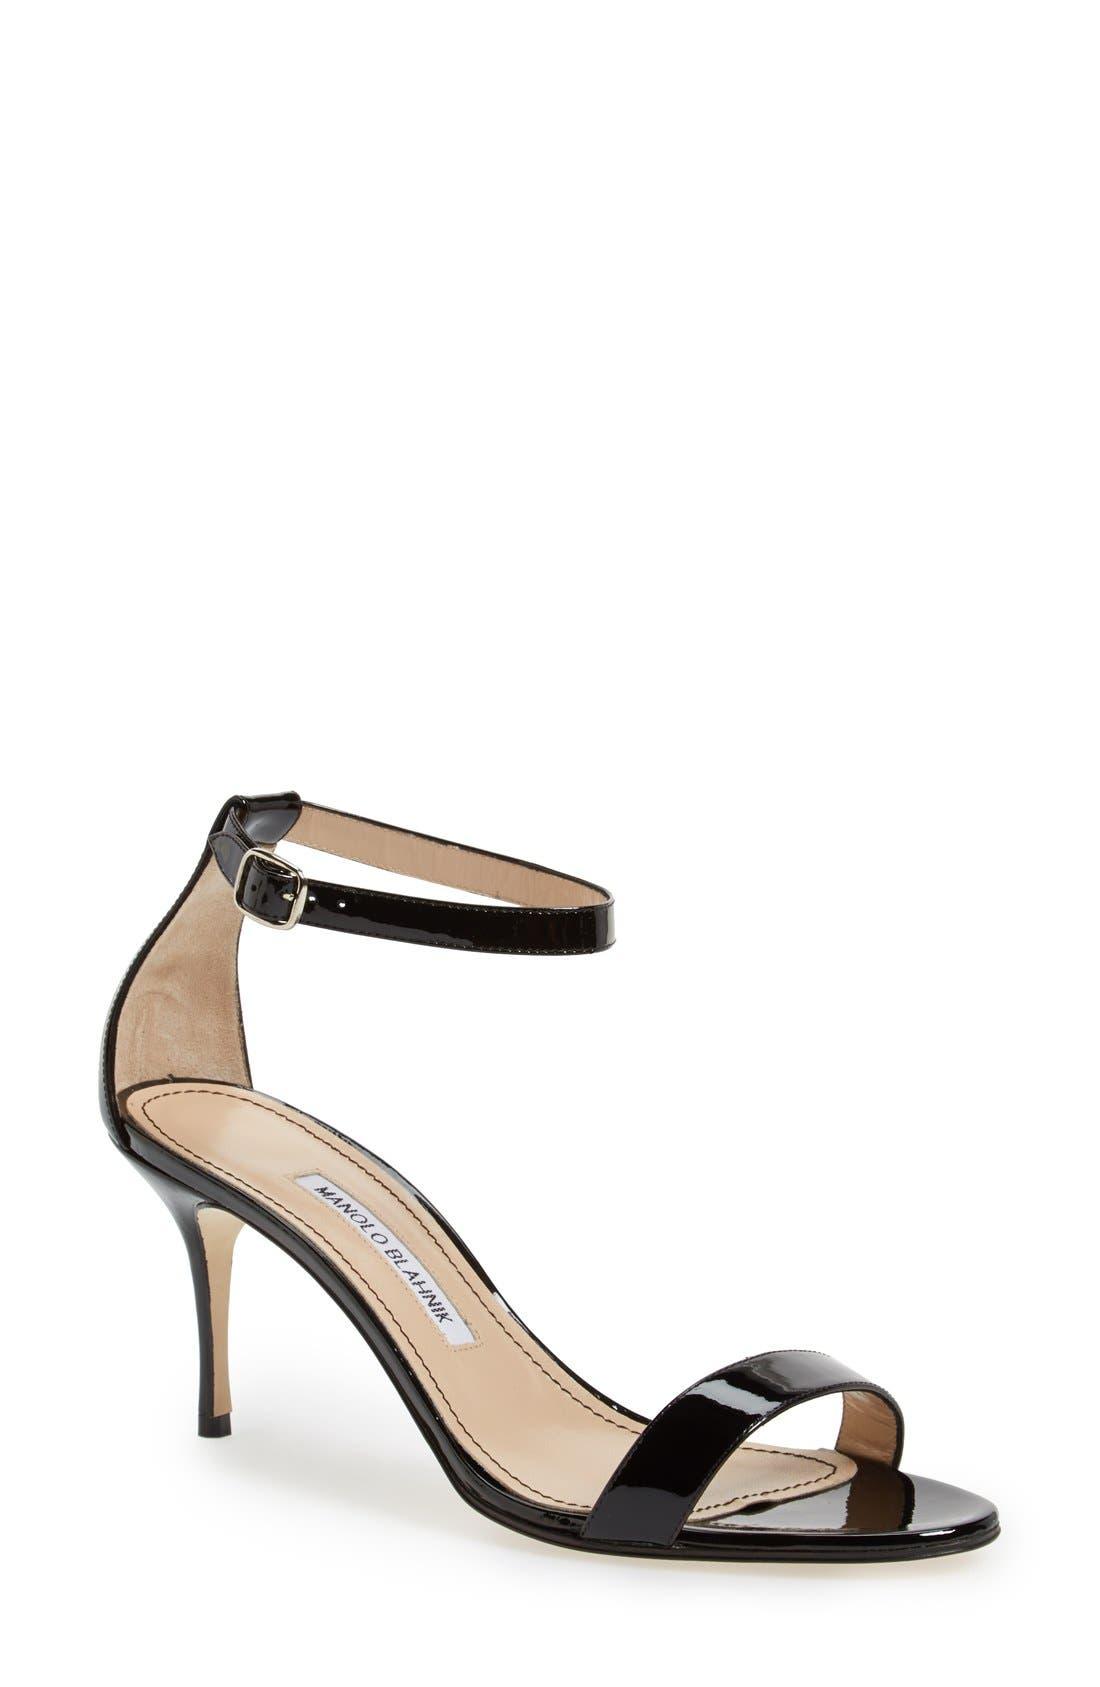 MANOLO BLAHNIK 'Chaos' Ankle Strap Sandal